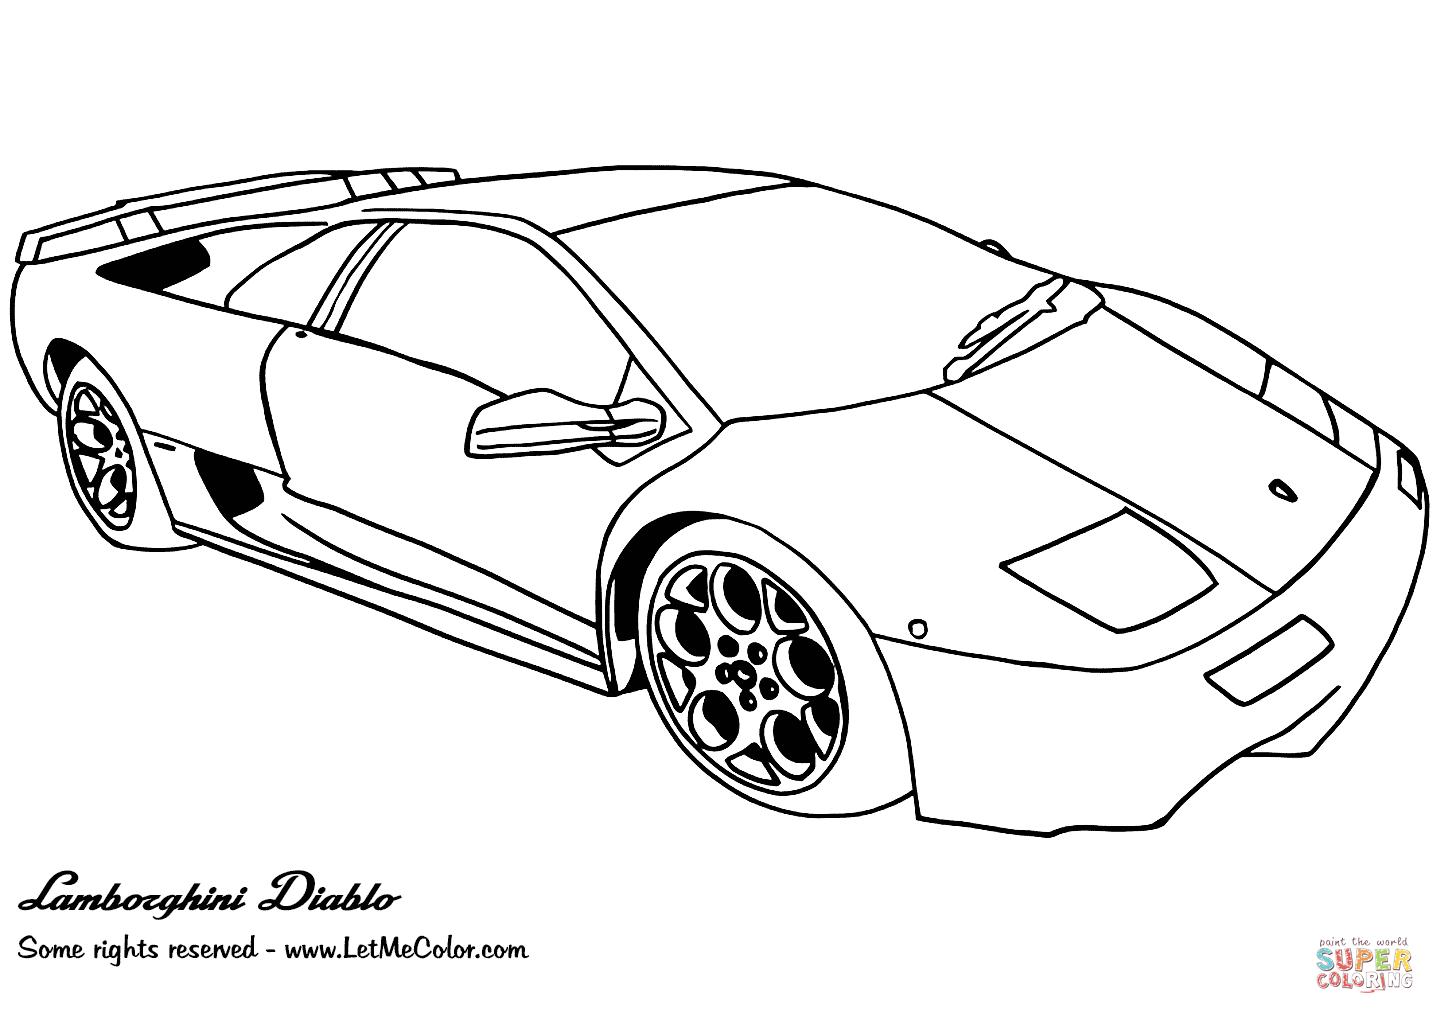 Clicker Sur La Lamborghini Diablo Coloriages Pour Visualiser La Version Imprimable Ou Colorier En Ligne Compatible Avec Les Tablettes Ipad Et Android